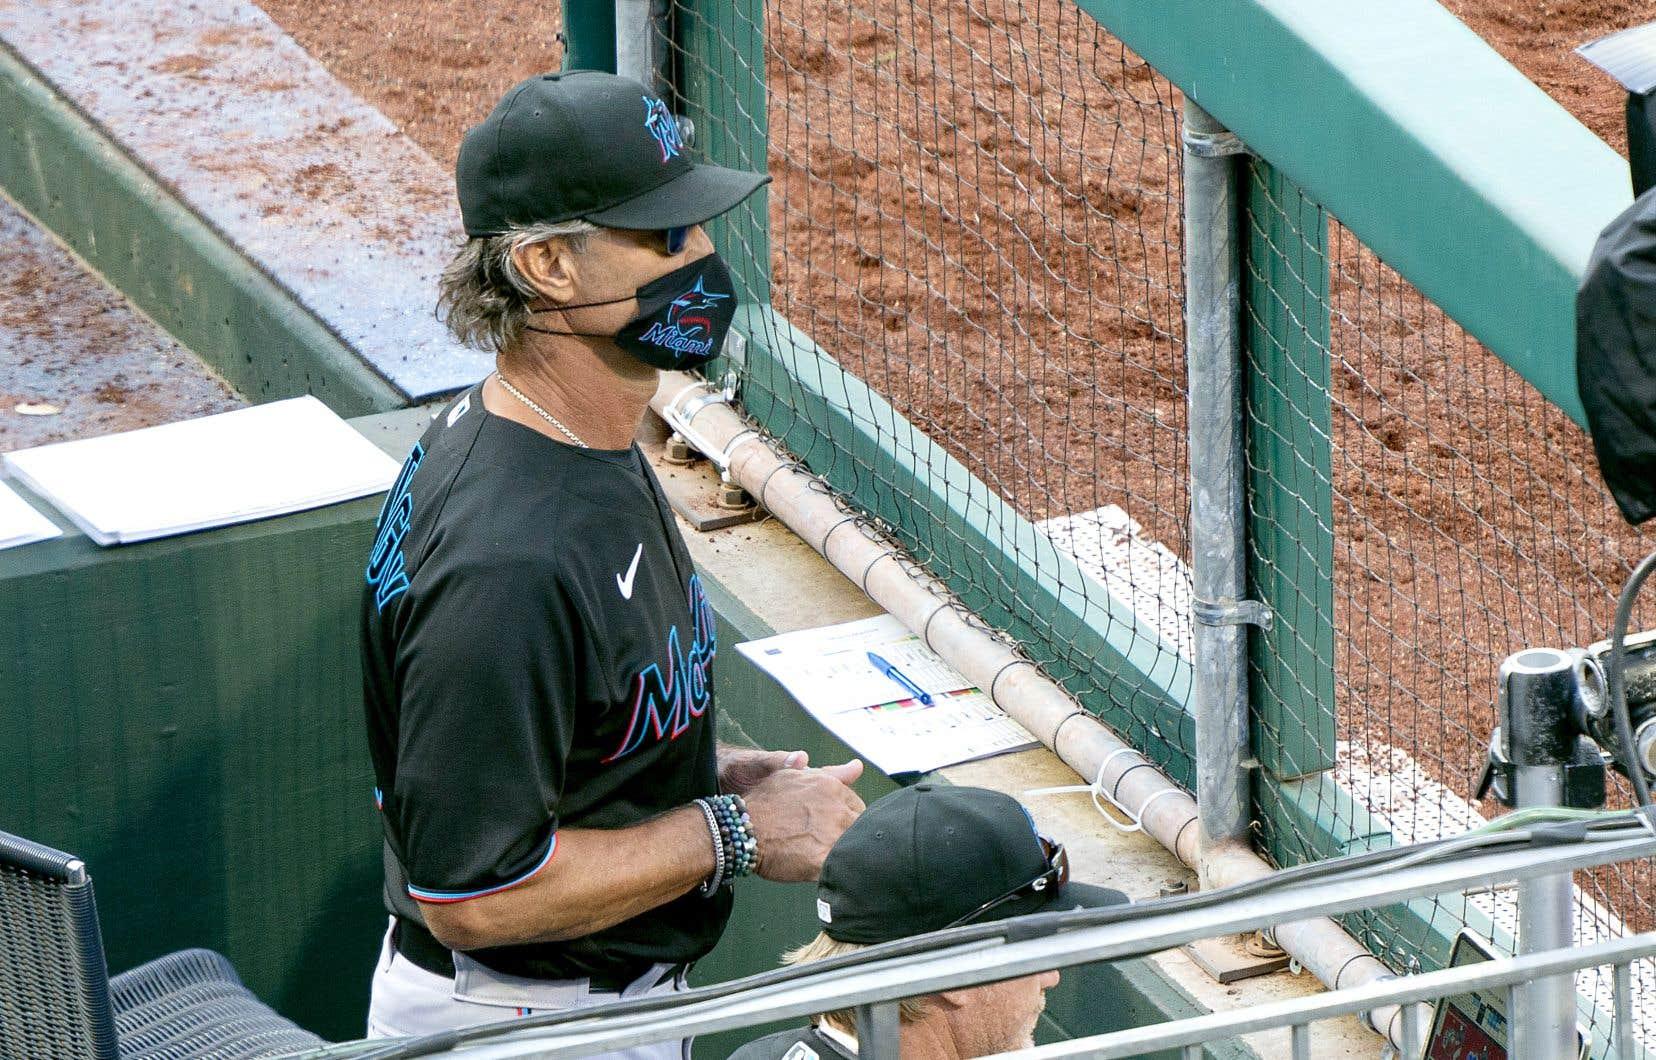 Le gérant des Marlins de Miami, Don Mattingly, porte un masque aux couleurs de son équipe dans l'abri des joueurs.